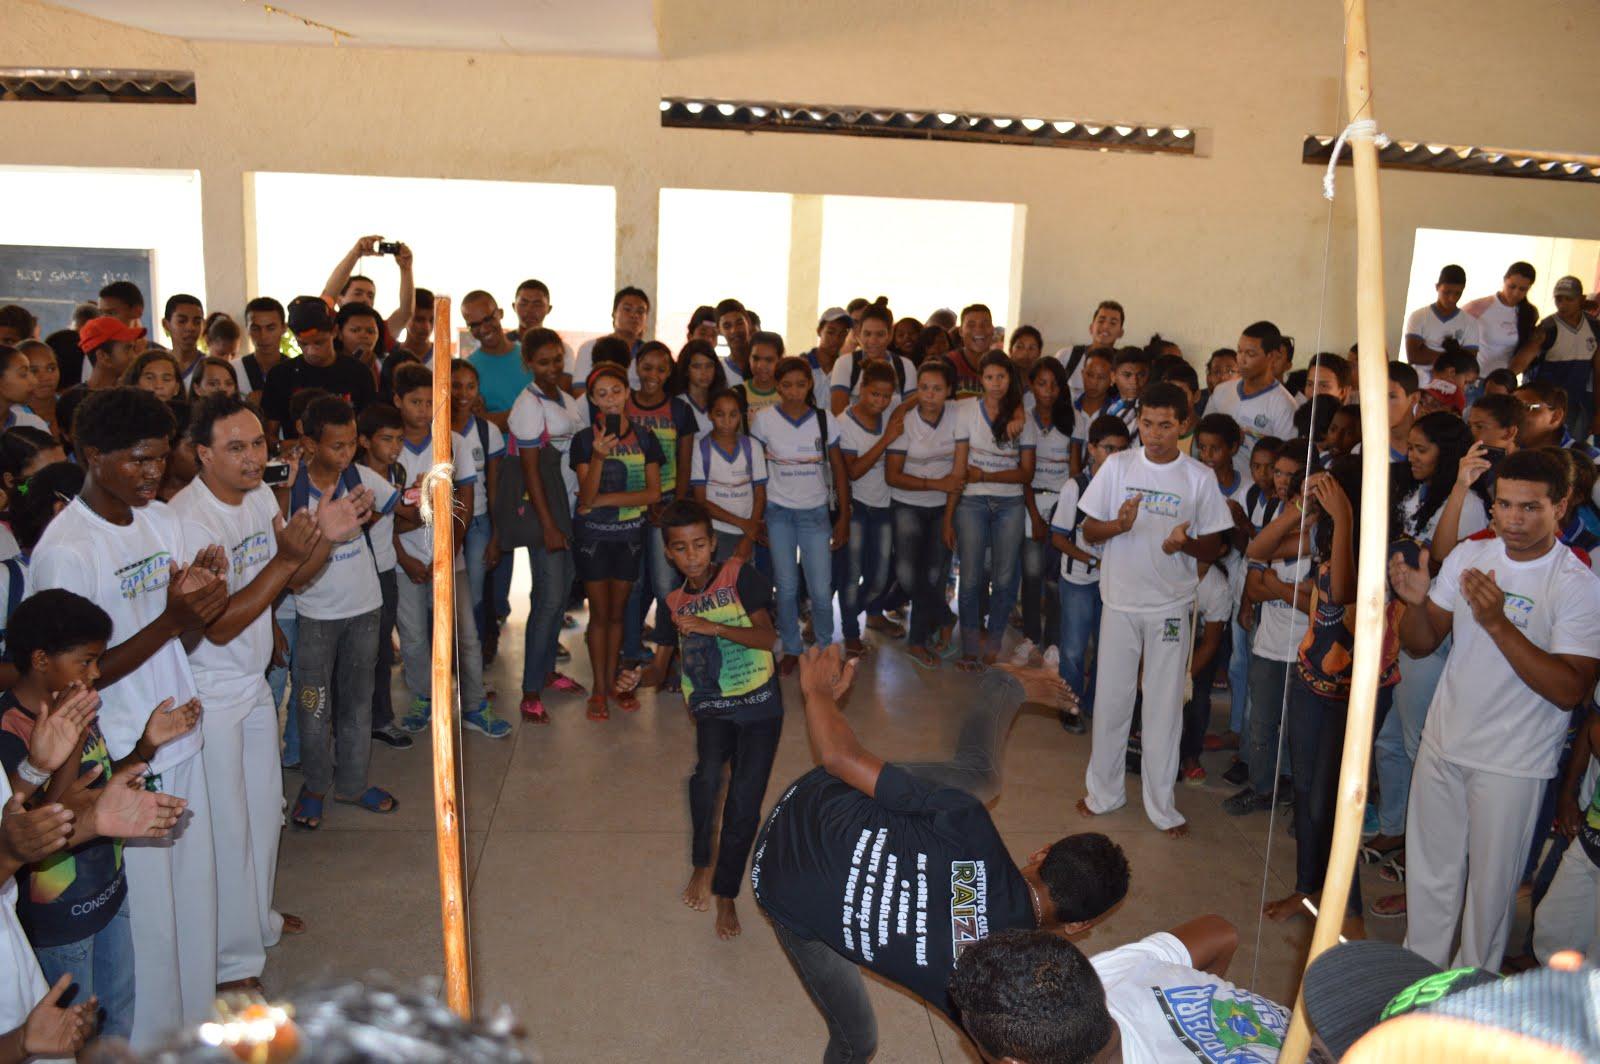 Apresentação de Capoeira, dia 28/11/2014